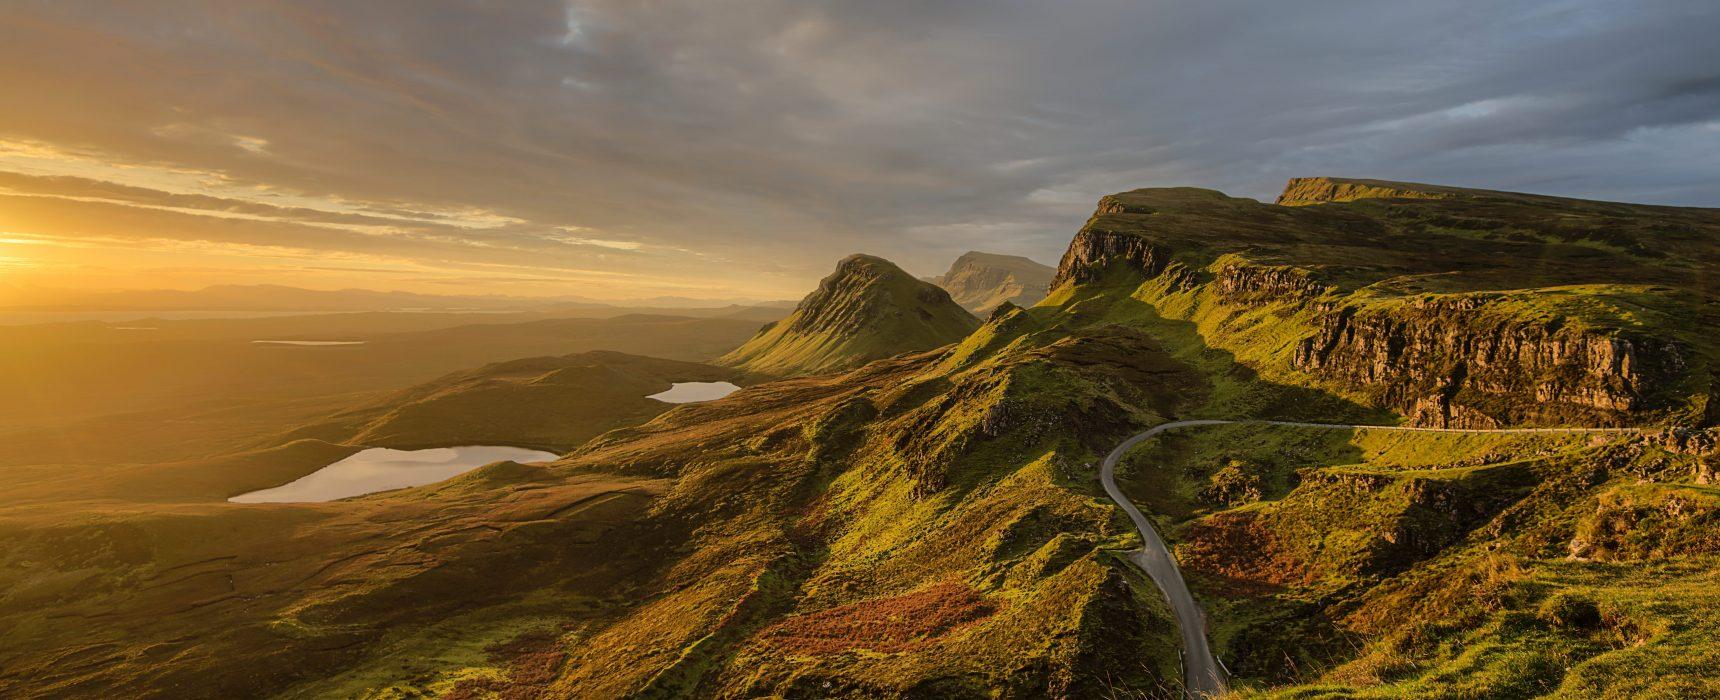 Cosa aspettarsi dall'Irlanda 5 idee prima di partire consigli suggerimenti meteo lista rapida viaggio on the road